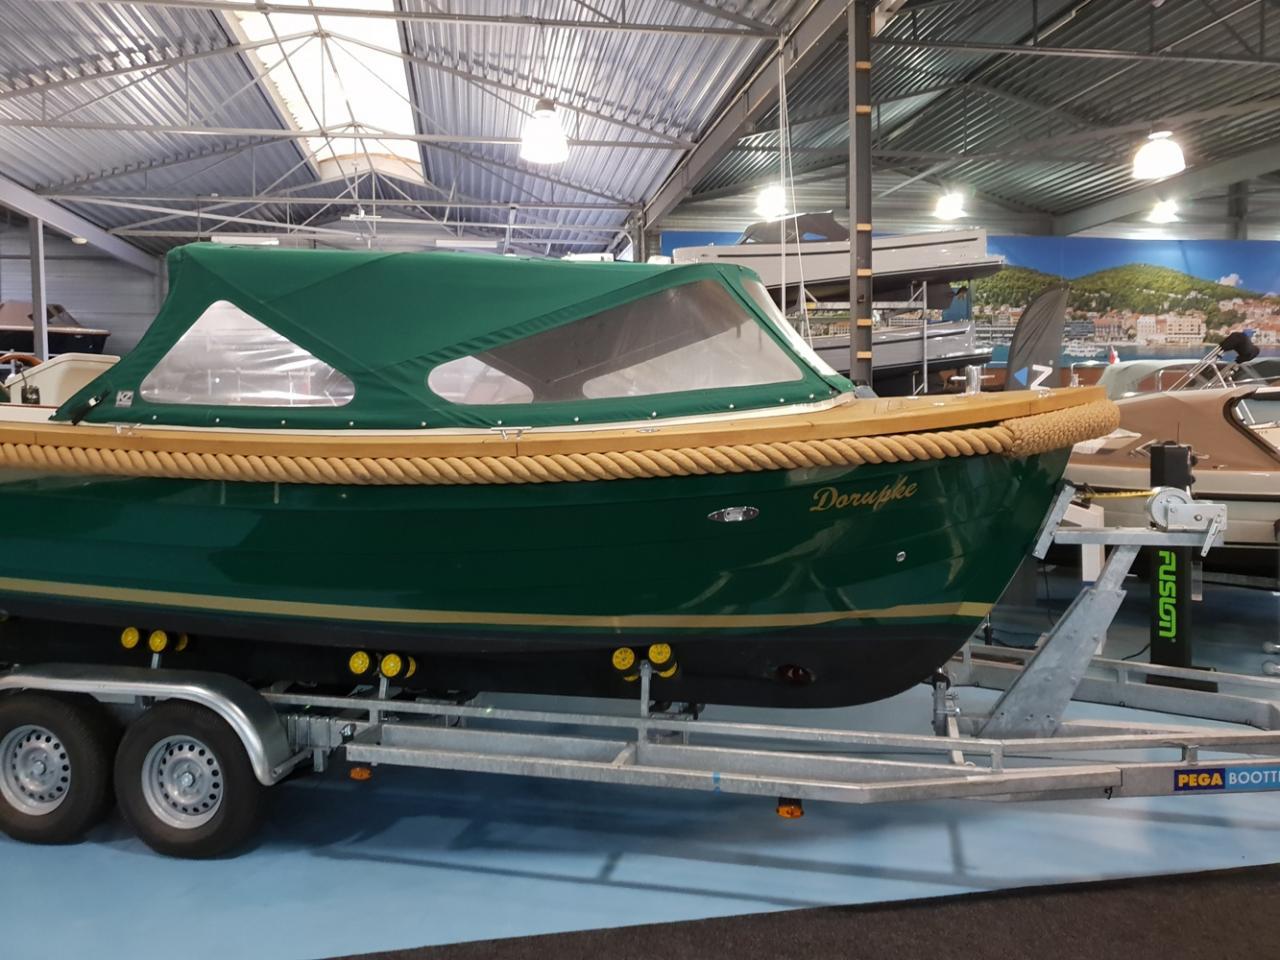 Maril 795 tender met Vetus 42 pk full options! 4